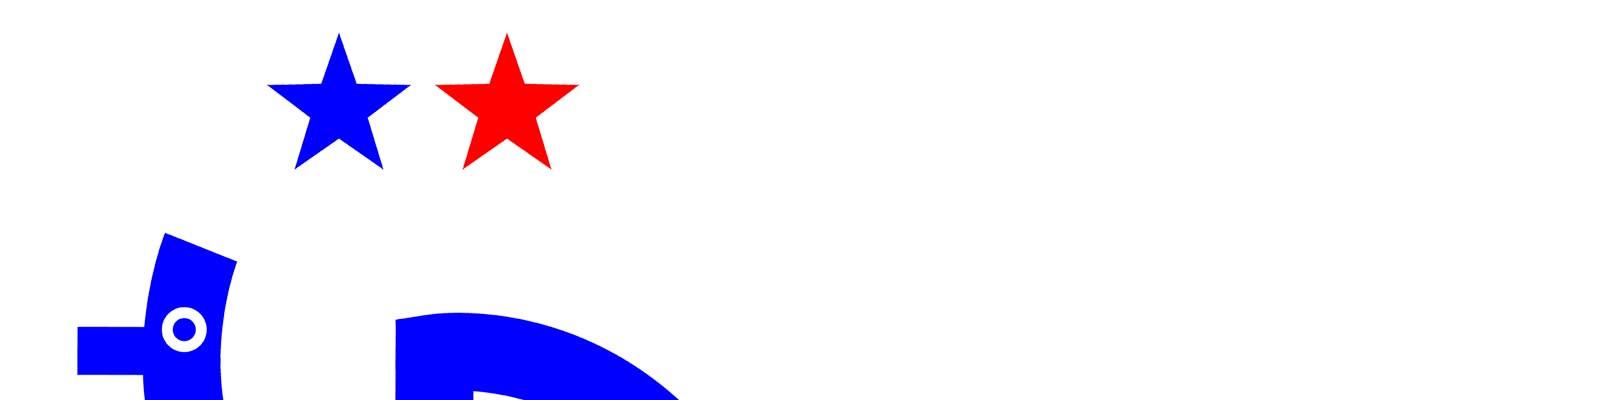 Champions du monde - vingt ans après Zidane et cie, les Bleus ajoutent une étoile sur le maillot tricolore.